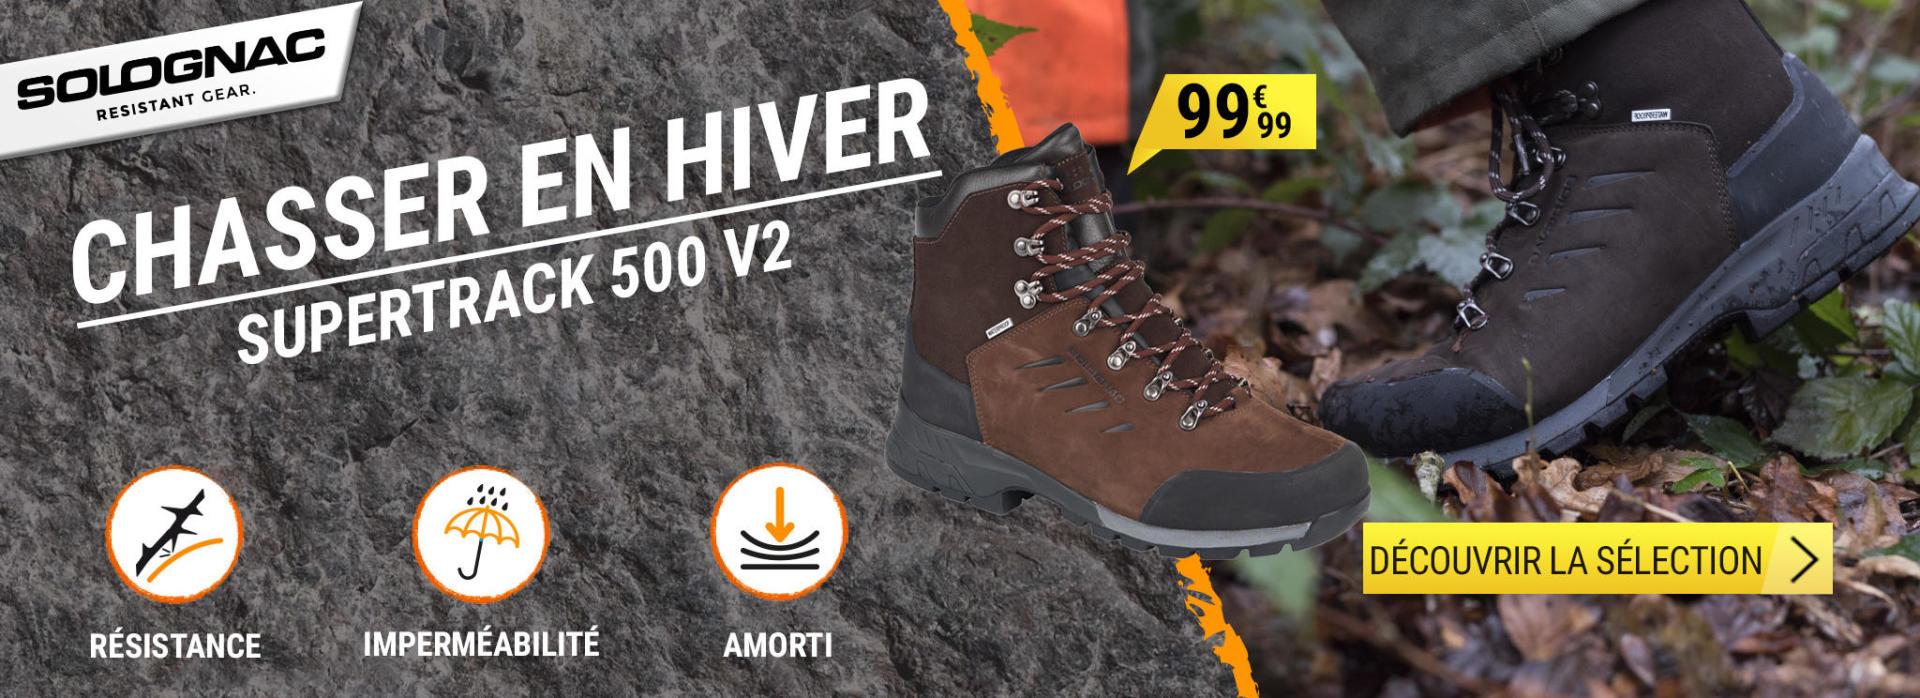 Découvrez notre sélection de produits pour chasser confortablement tout l'hiver.